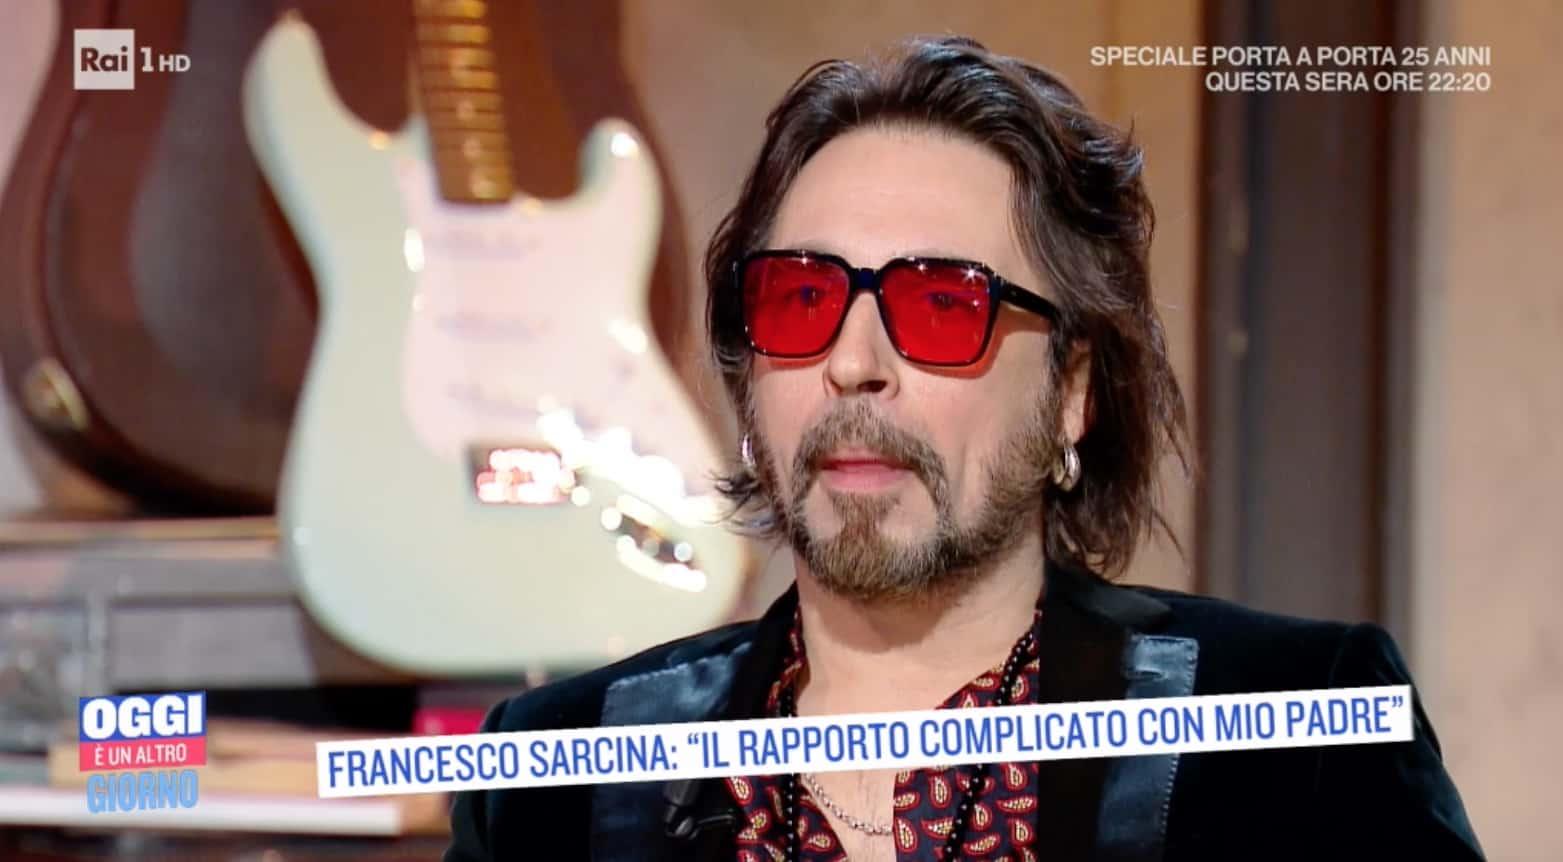 La mamma di Francesco Sarcina arrabbiata per il libro, per le cose raccontate (Foto)